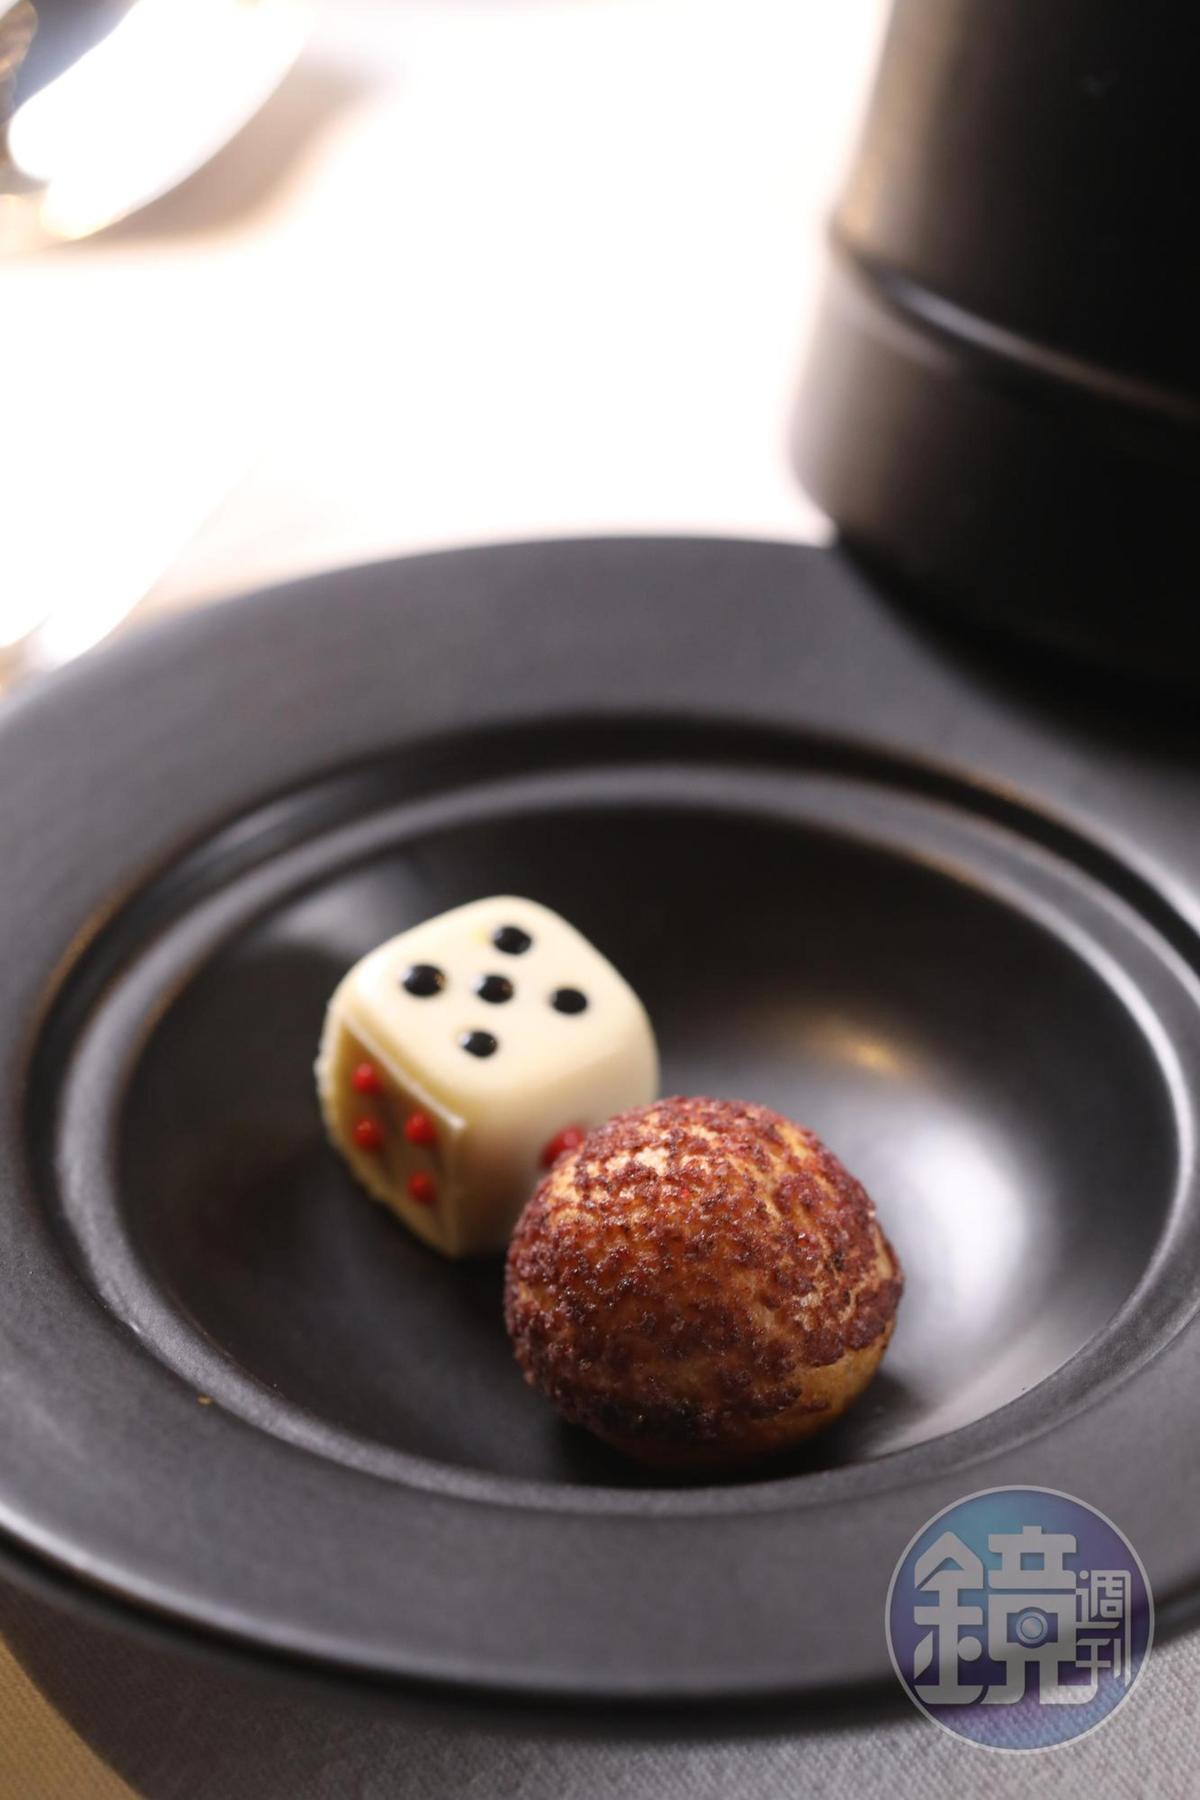 很有賭場趣味的「花式小蛋糕」,裝在骰盅裡,西式泡芙裡面有枸杞與斑蘭葉。